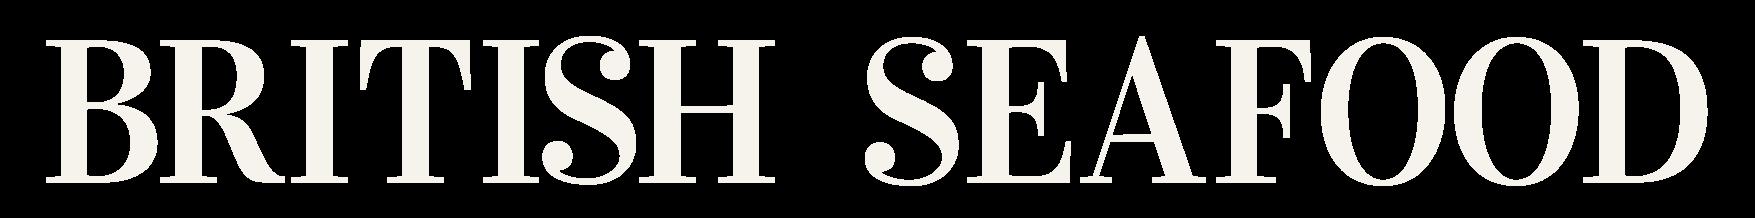 White British Seafood Union Jack Logo